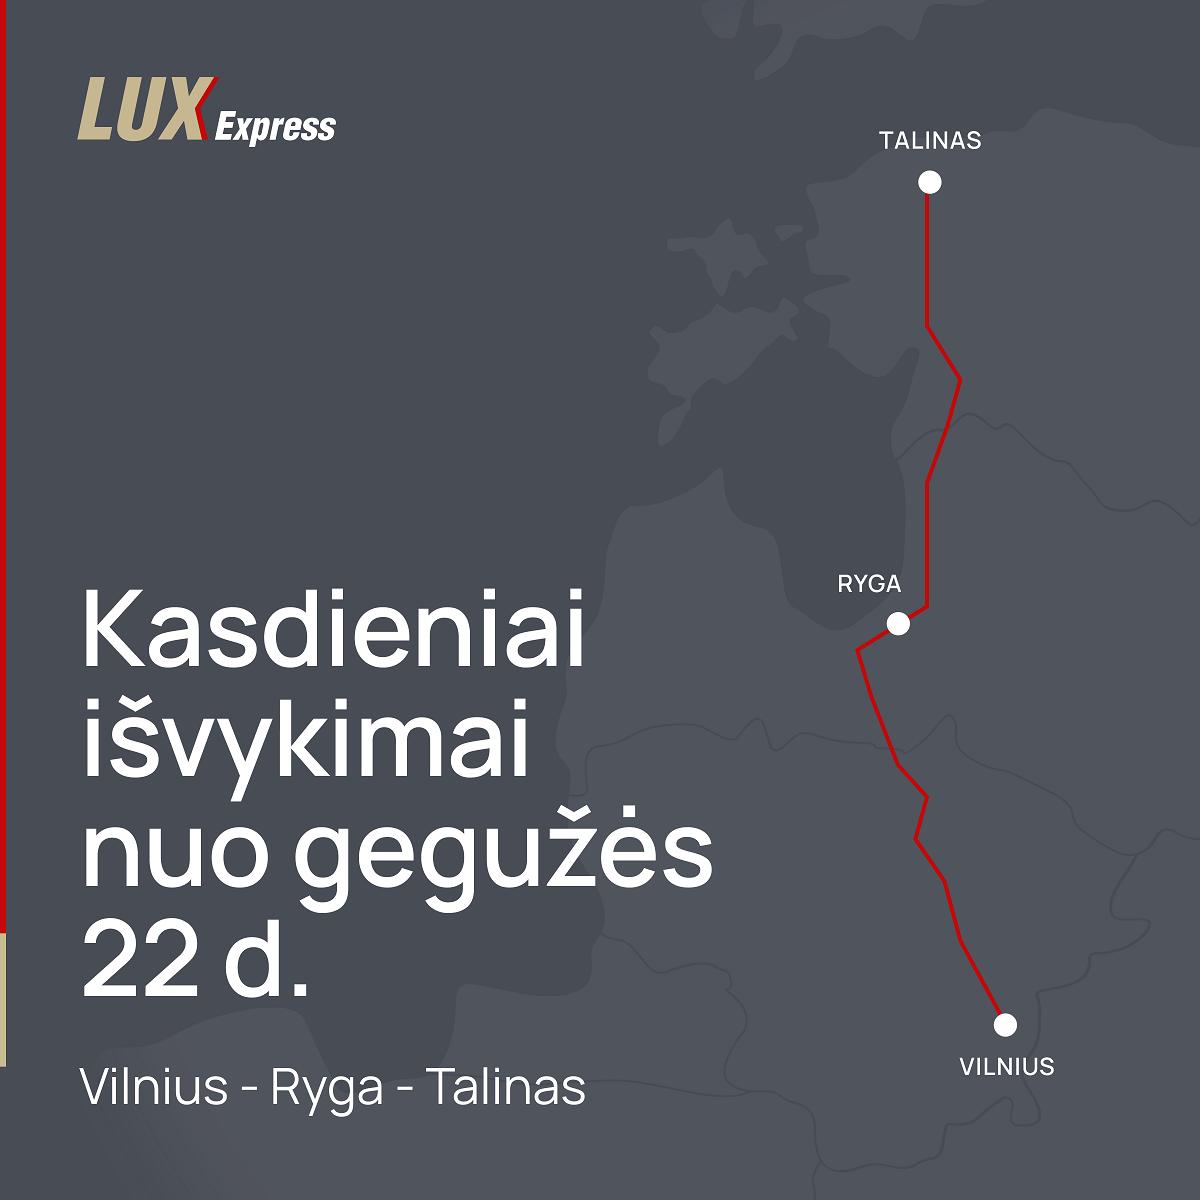 Lux Express Baltic maršrutai yra atnaujinti. image